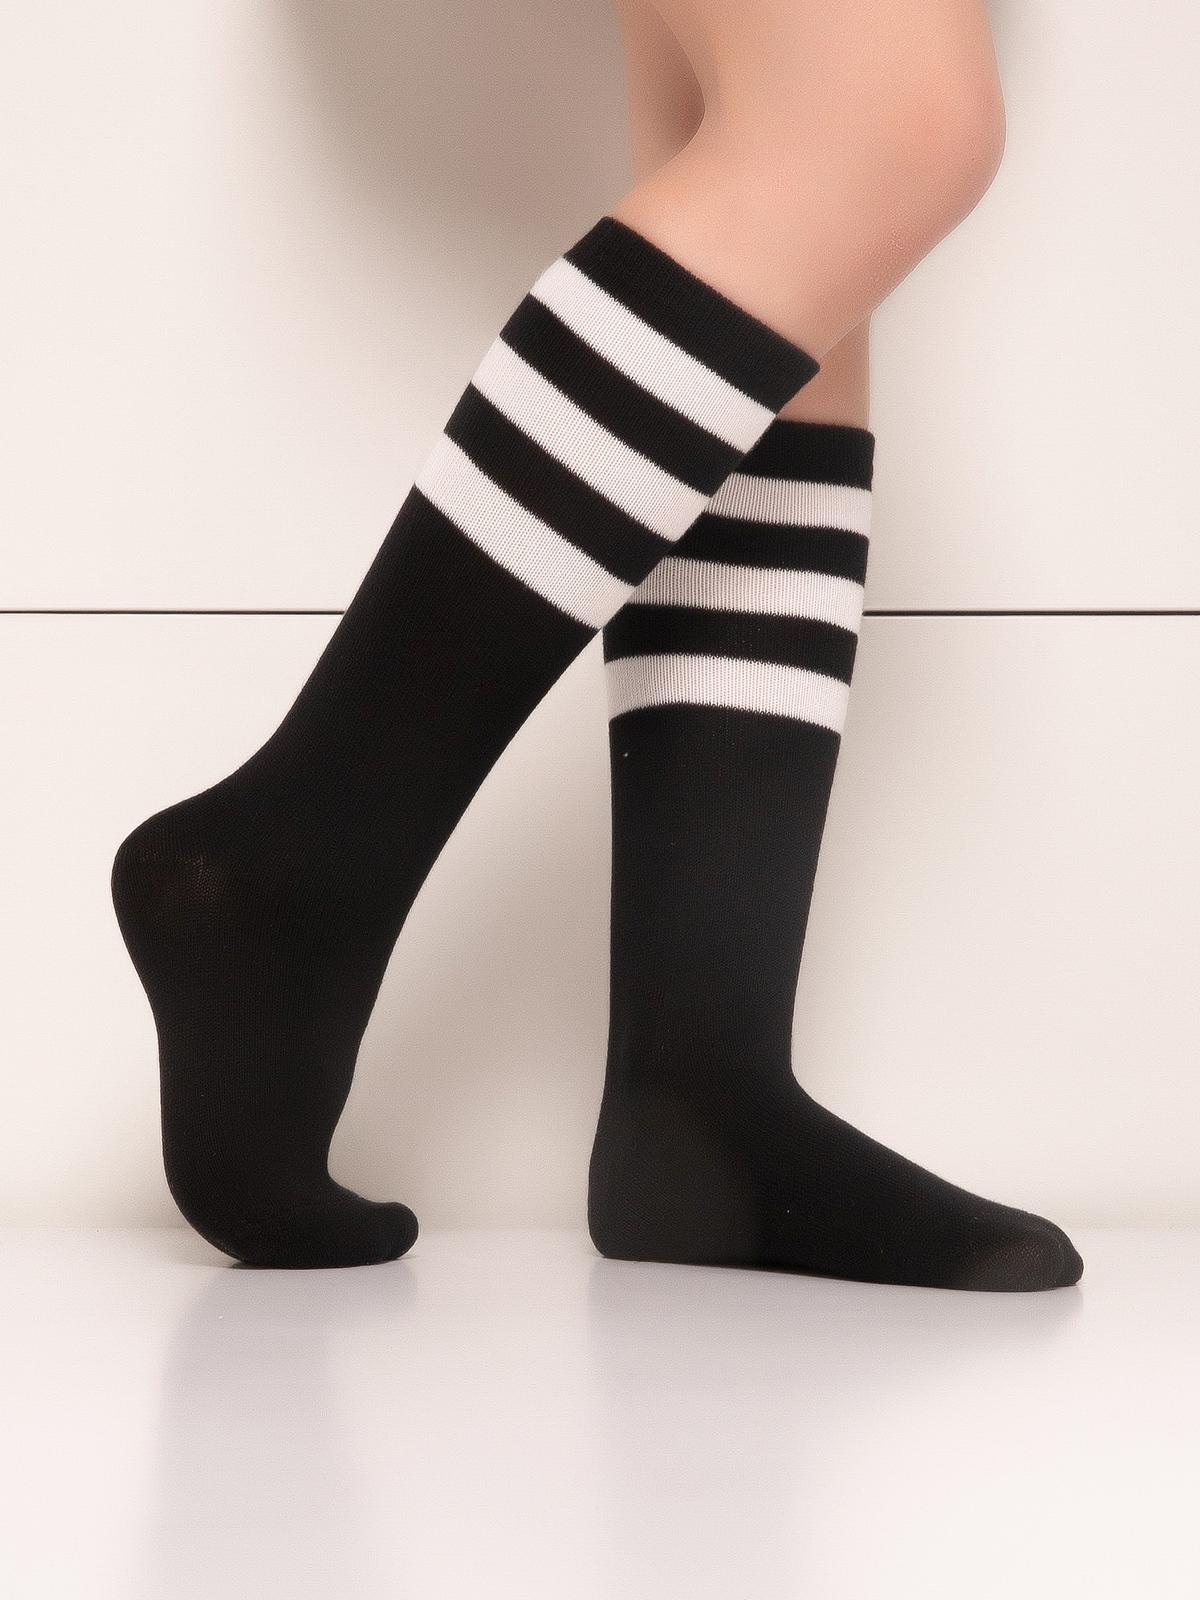 Купить Гольфы детские Hobby Line 4490-1 черный, белые полоски, 14-16, Гольфы для девочек